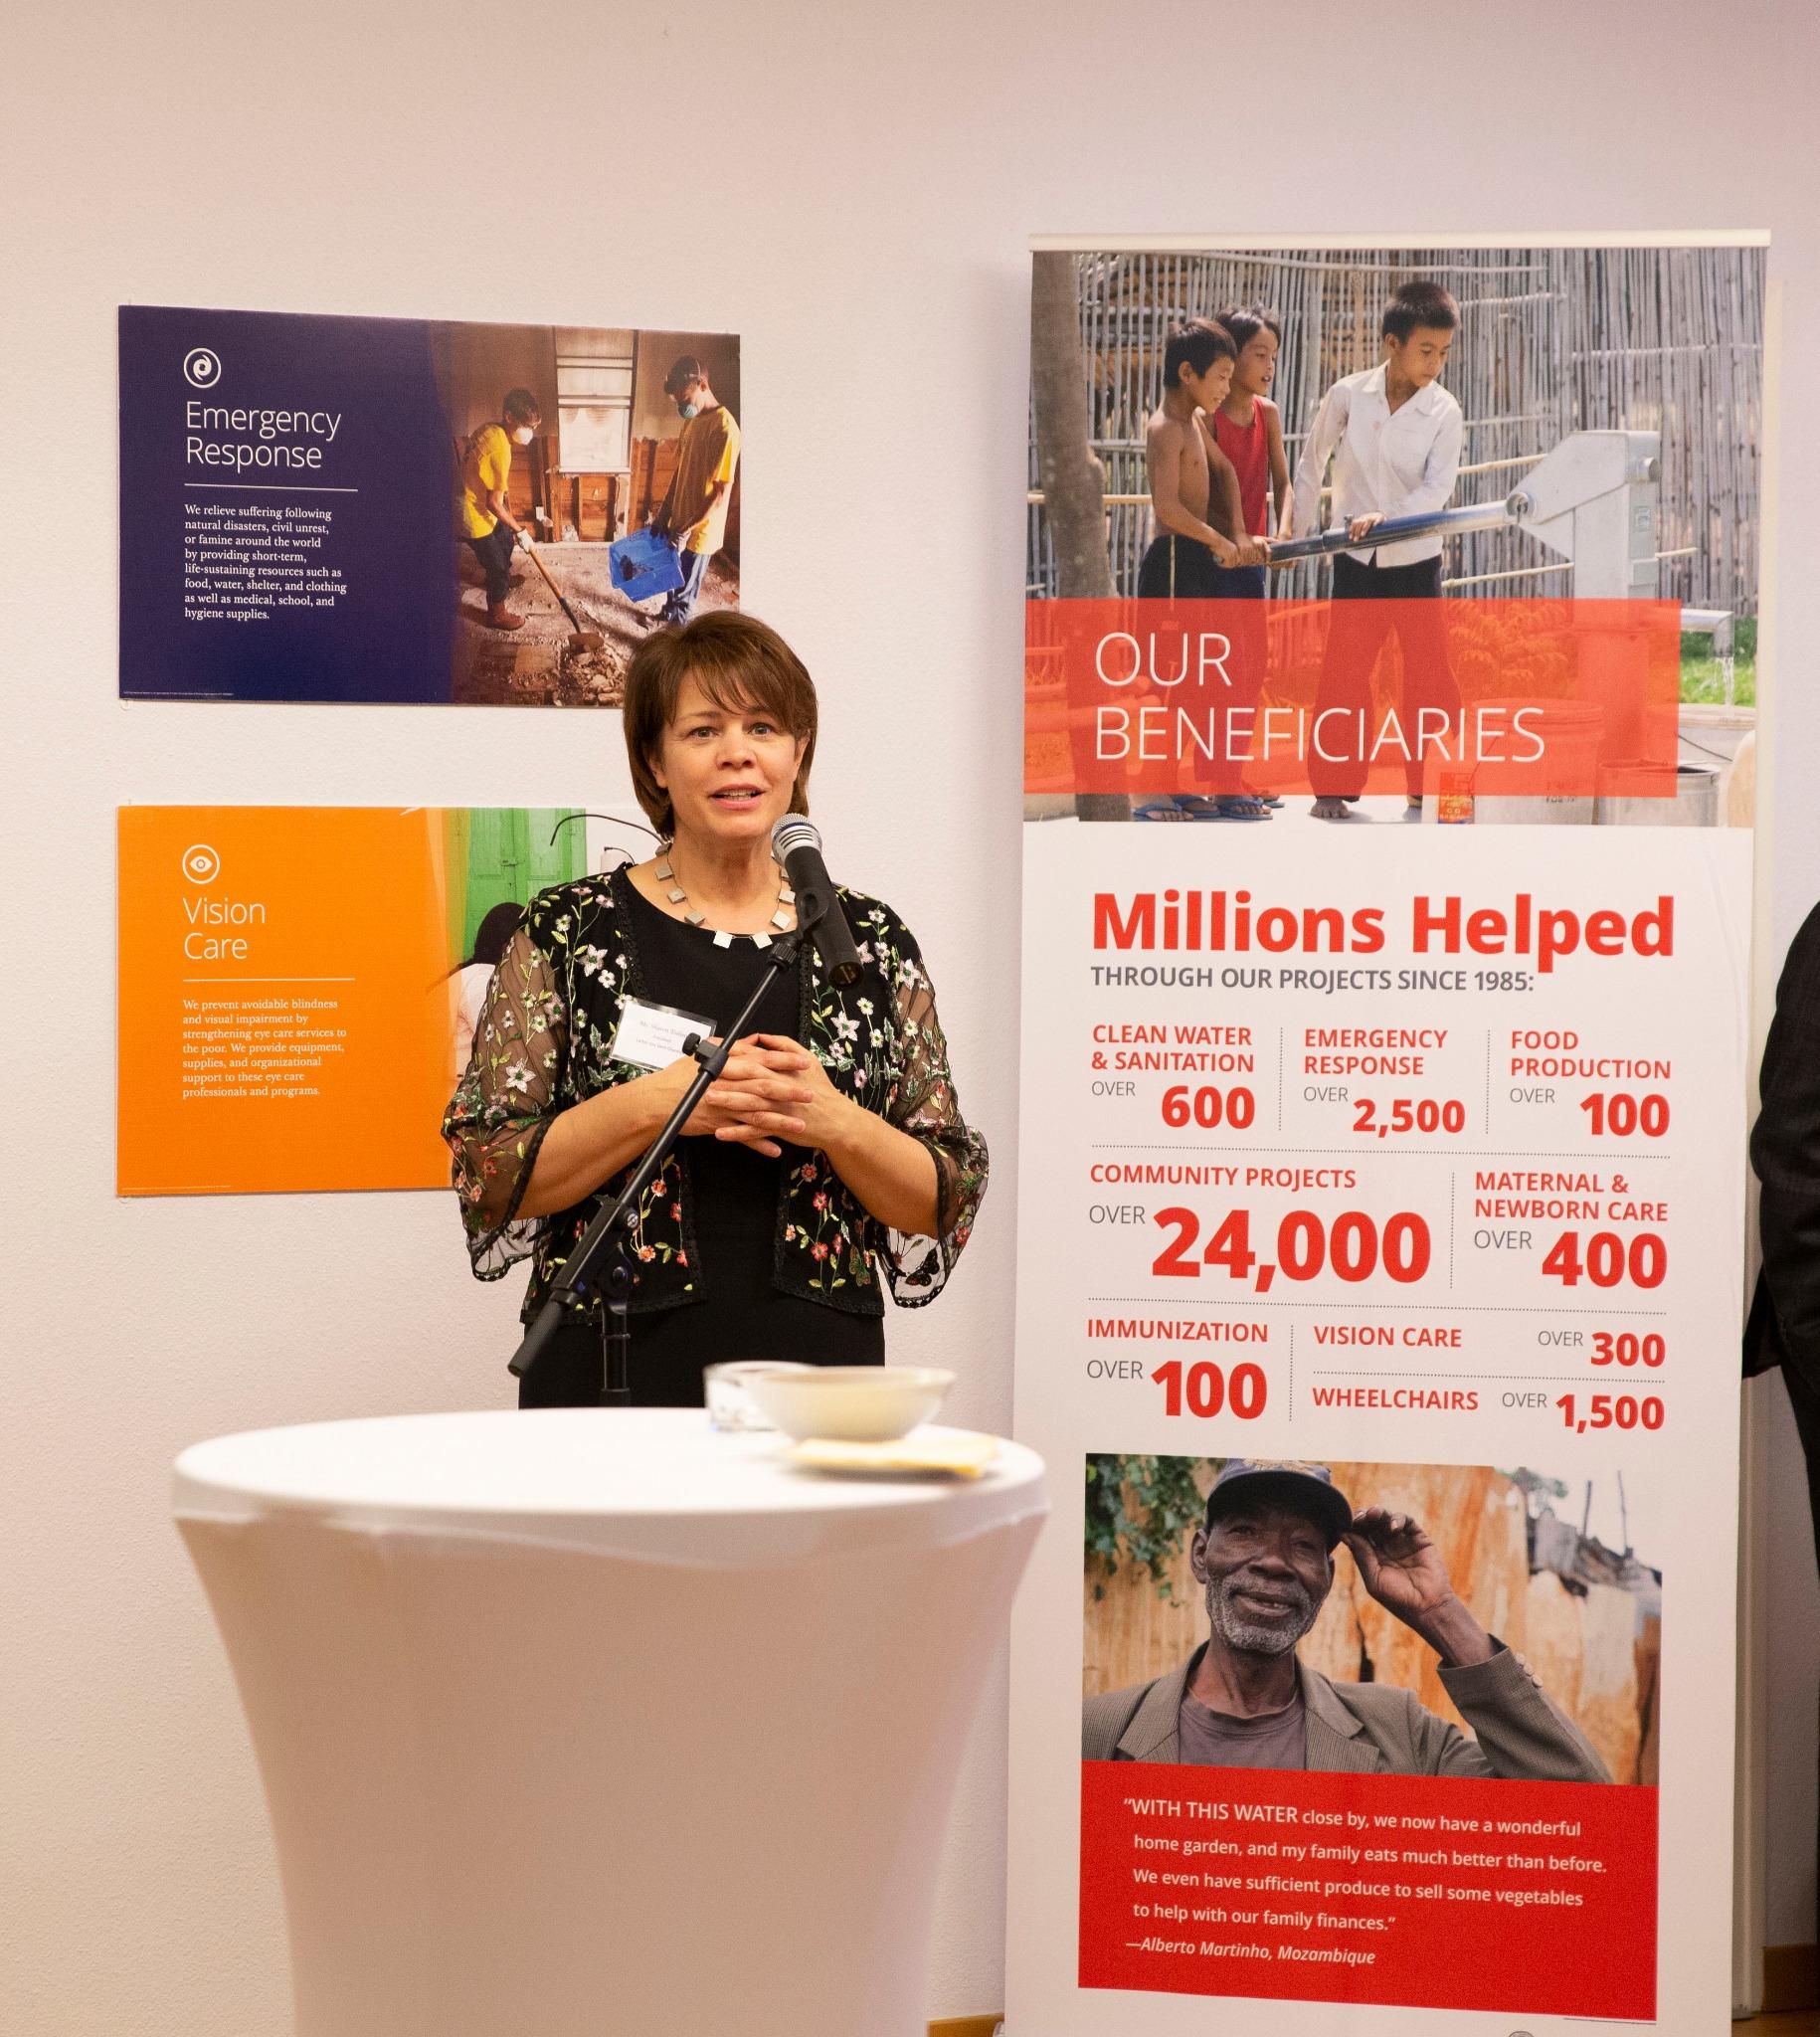 Hermana Sharon Eubank, presidenta de Latter-day Saint Charities, hace su presentación de la organización durante una recepción en Ginebra, Suiza, el 16 de septiembre de 2019.